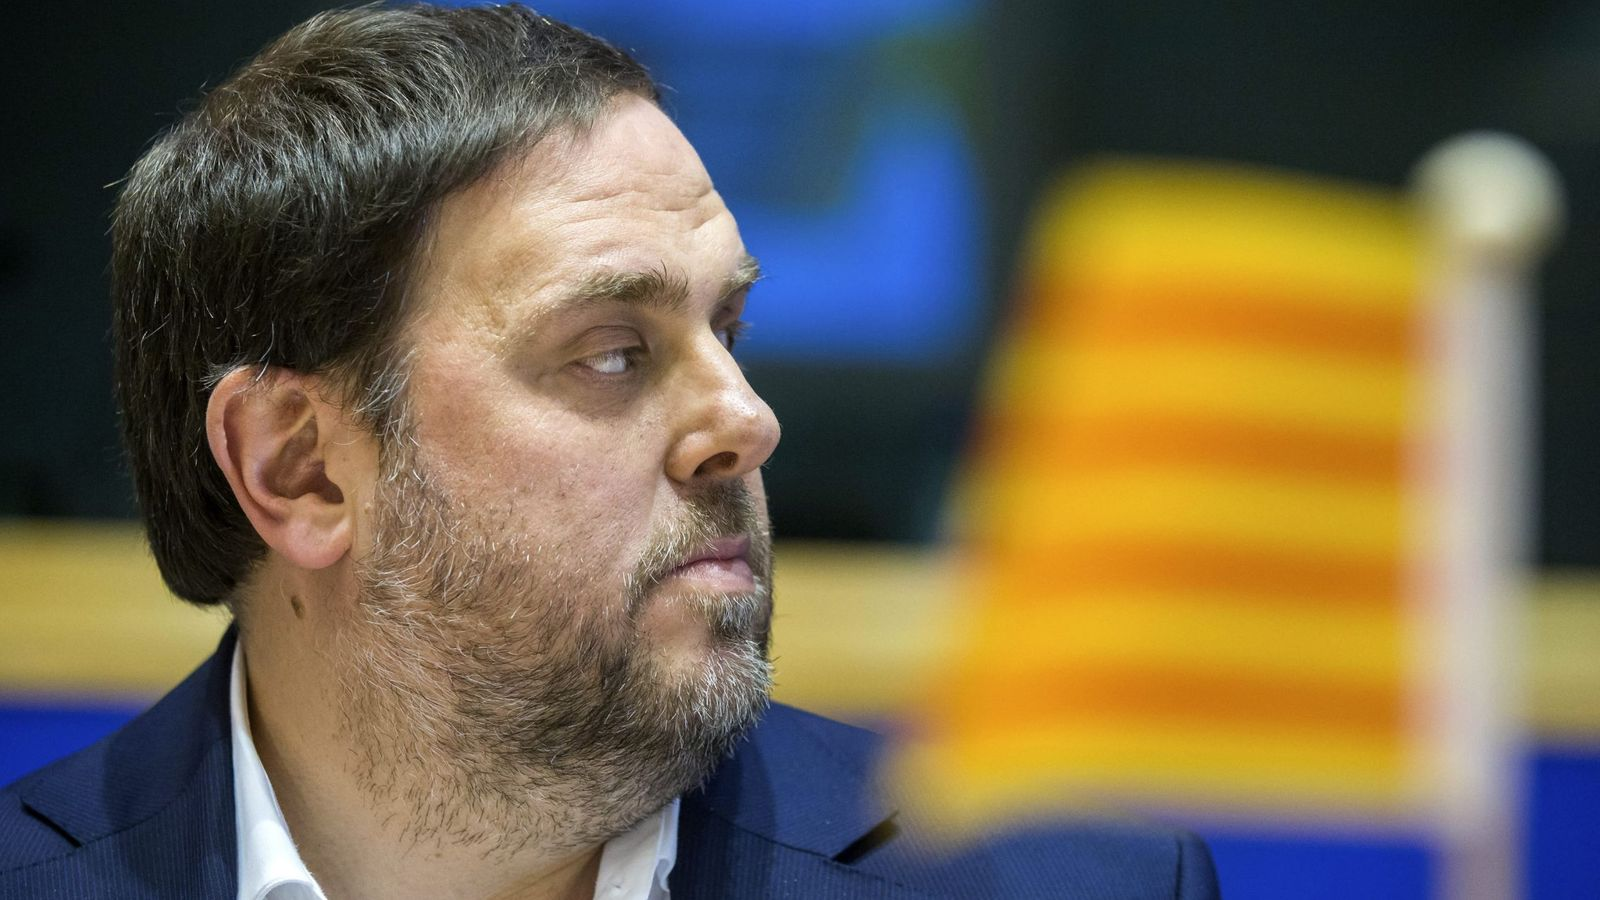 Foto: El vicepresidente de la Generalitat de Cataluña, Oriol Junqueras. (EFE)